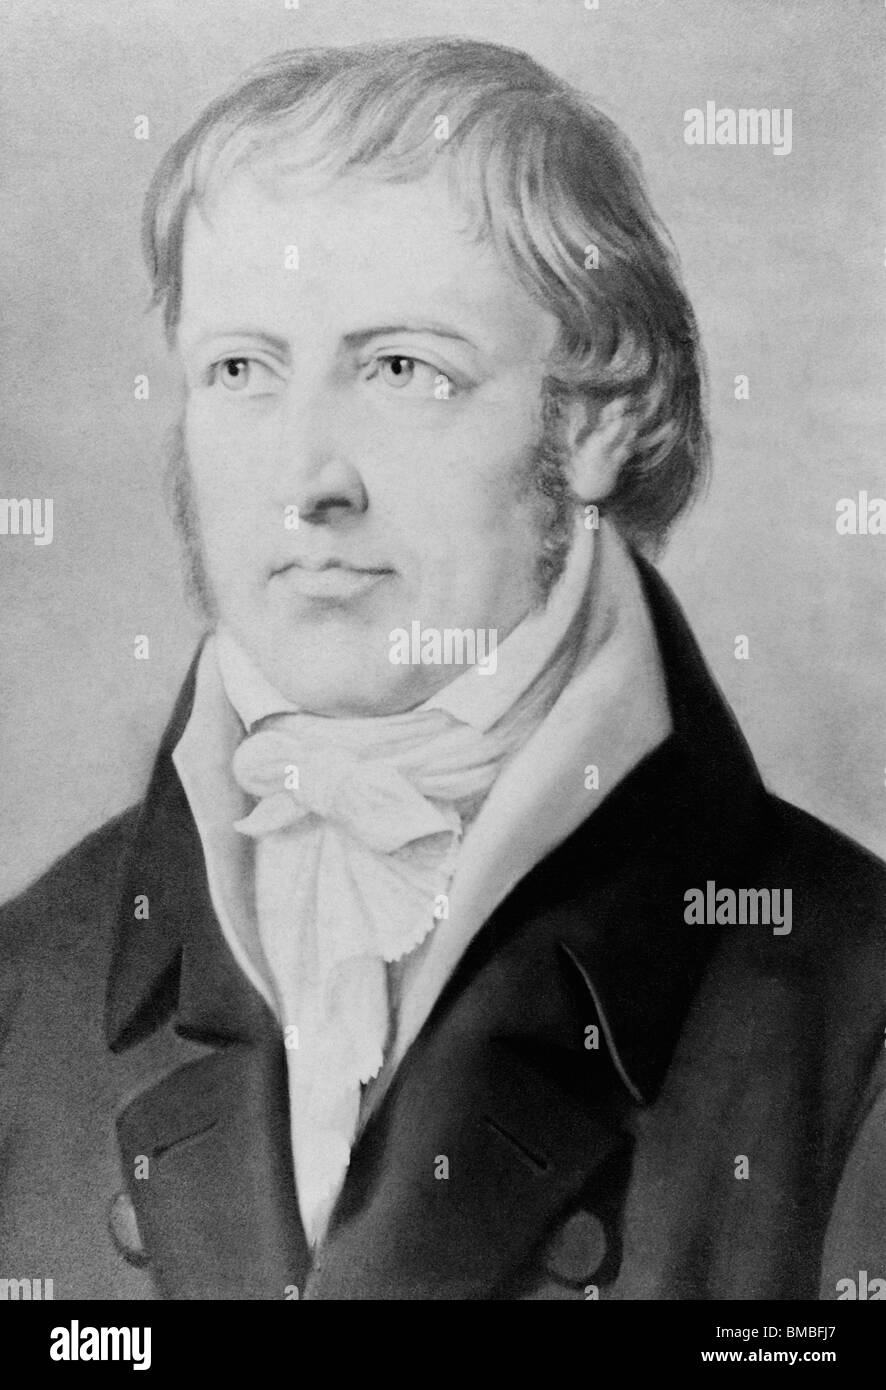 Vintage portrait painting of German philosopher Georg Wilhelm Friedrich Hegel (1770 - 1831). - Stock Image